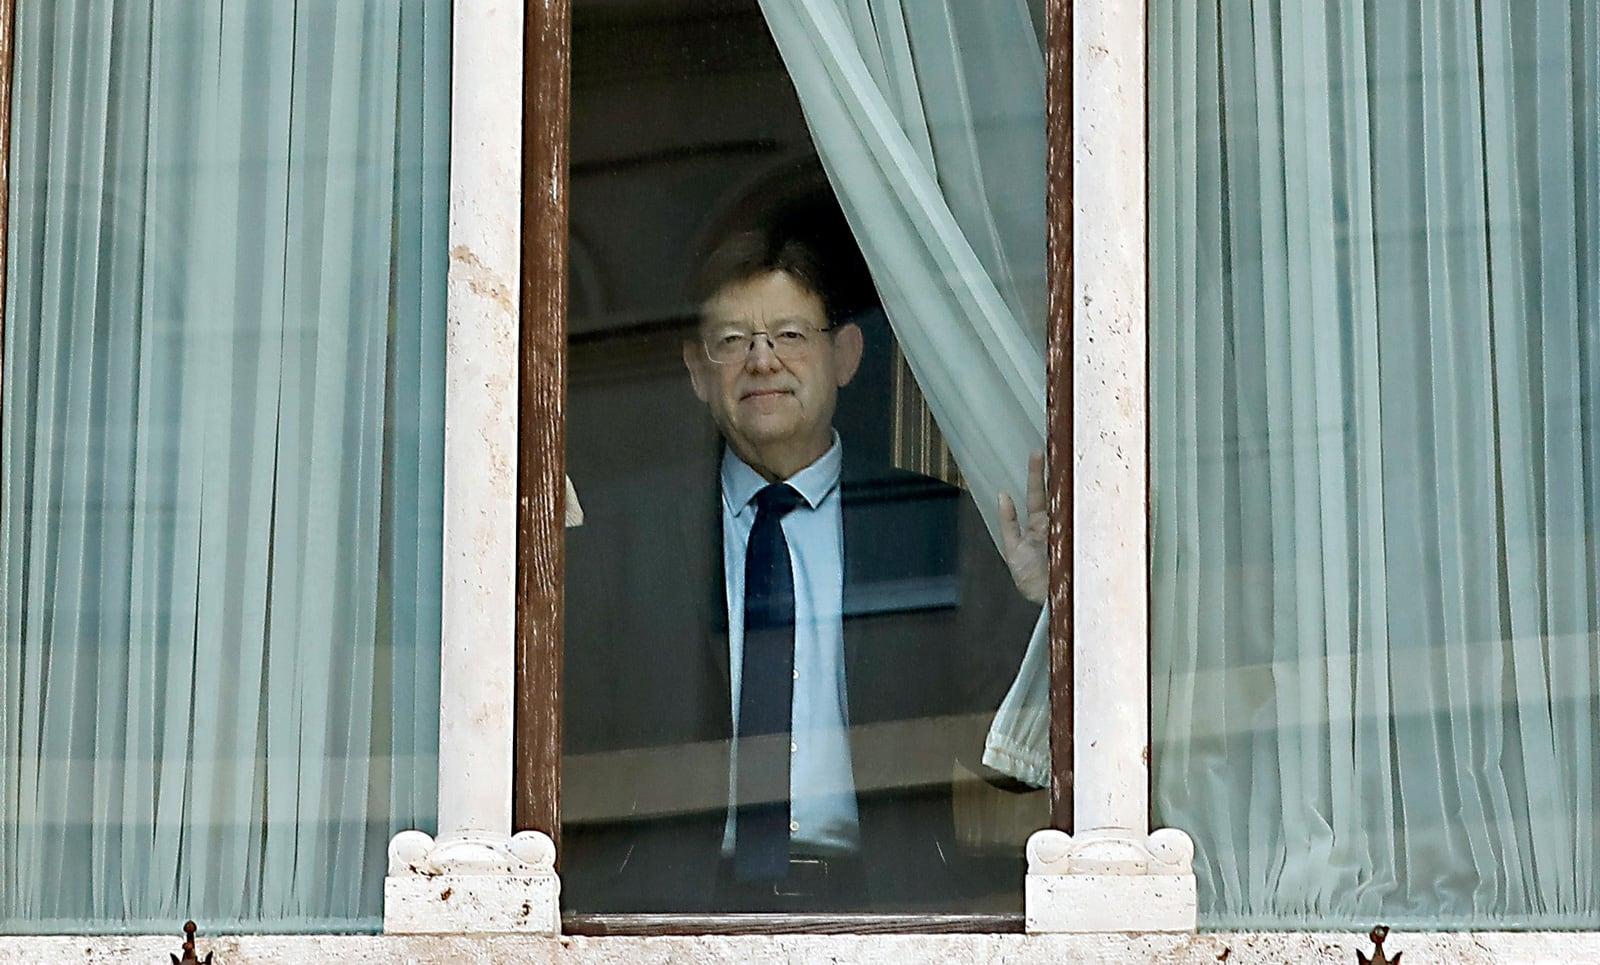 El president de la Generalitat Valenciana, Ximo Puig, a la finestra del seu despatx, el juny. Fotografia de Juan Carlos Cárdenas. Efe.